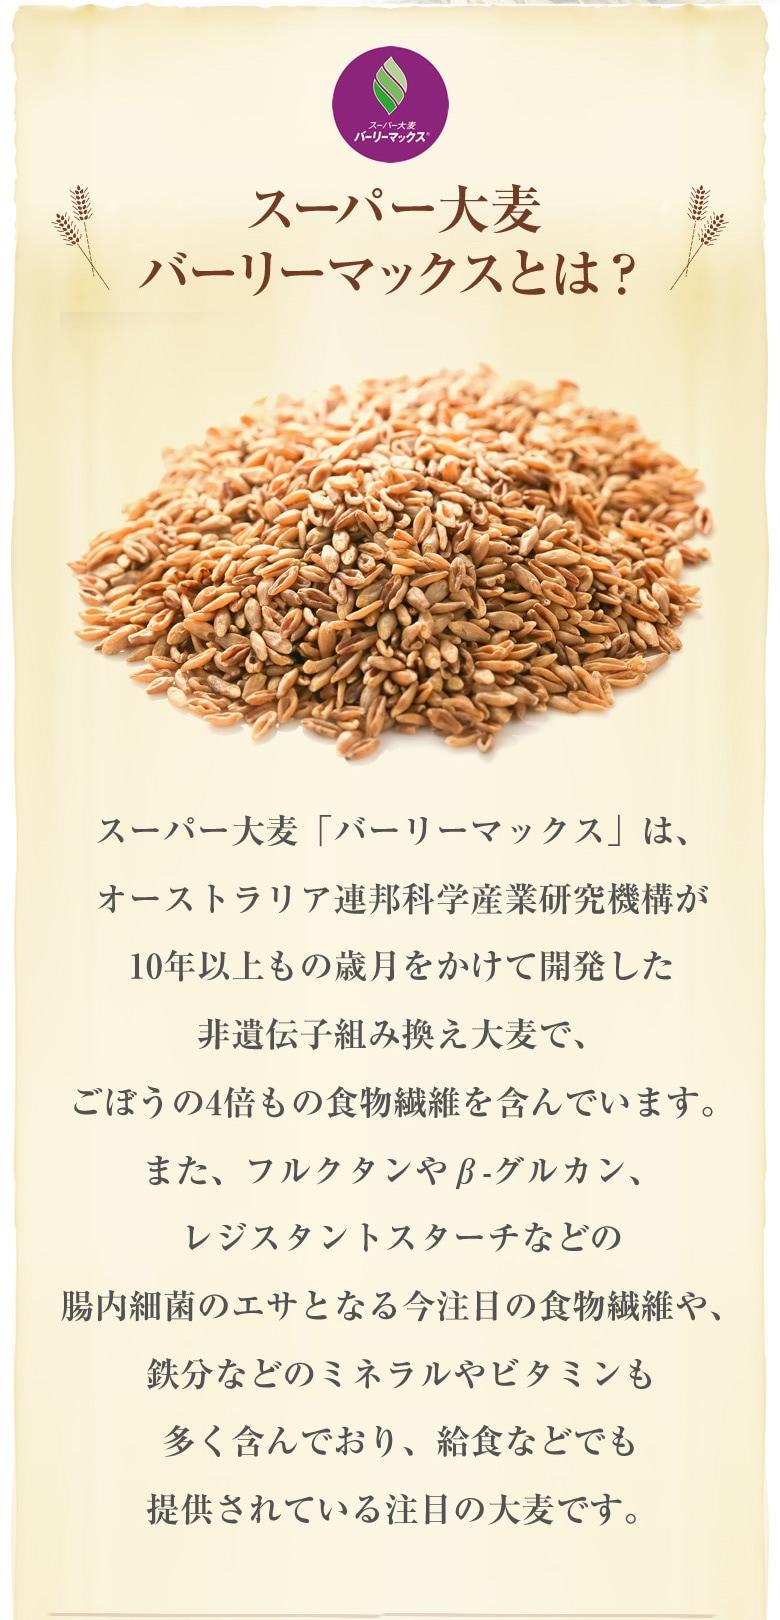 TEIJIN×Oisix スーパー大麦「バーリーマックス」